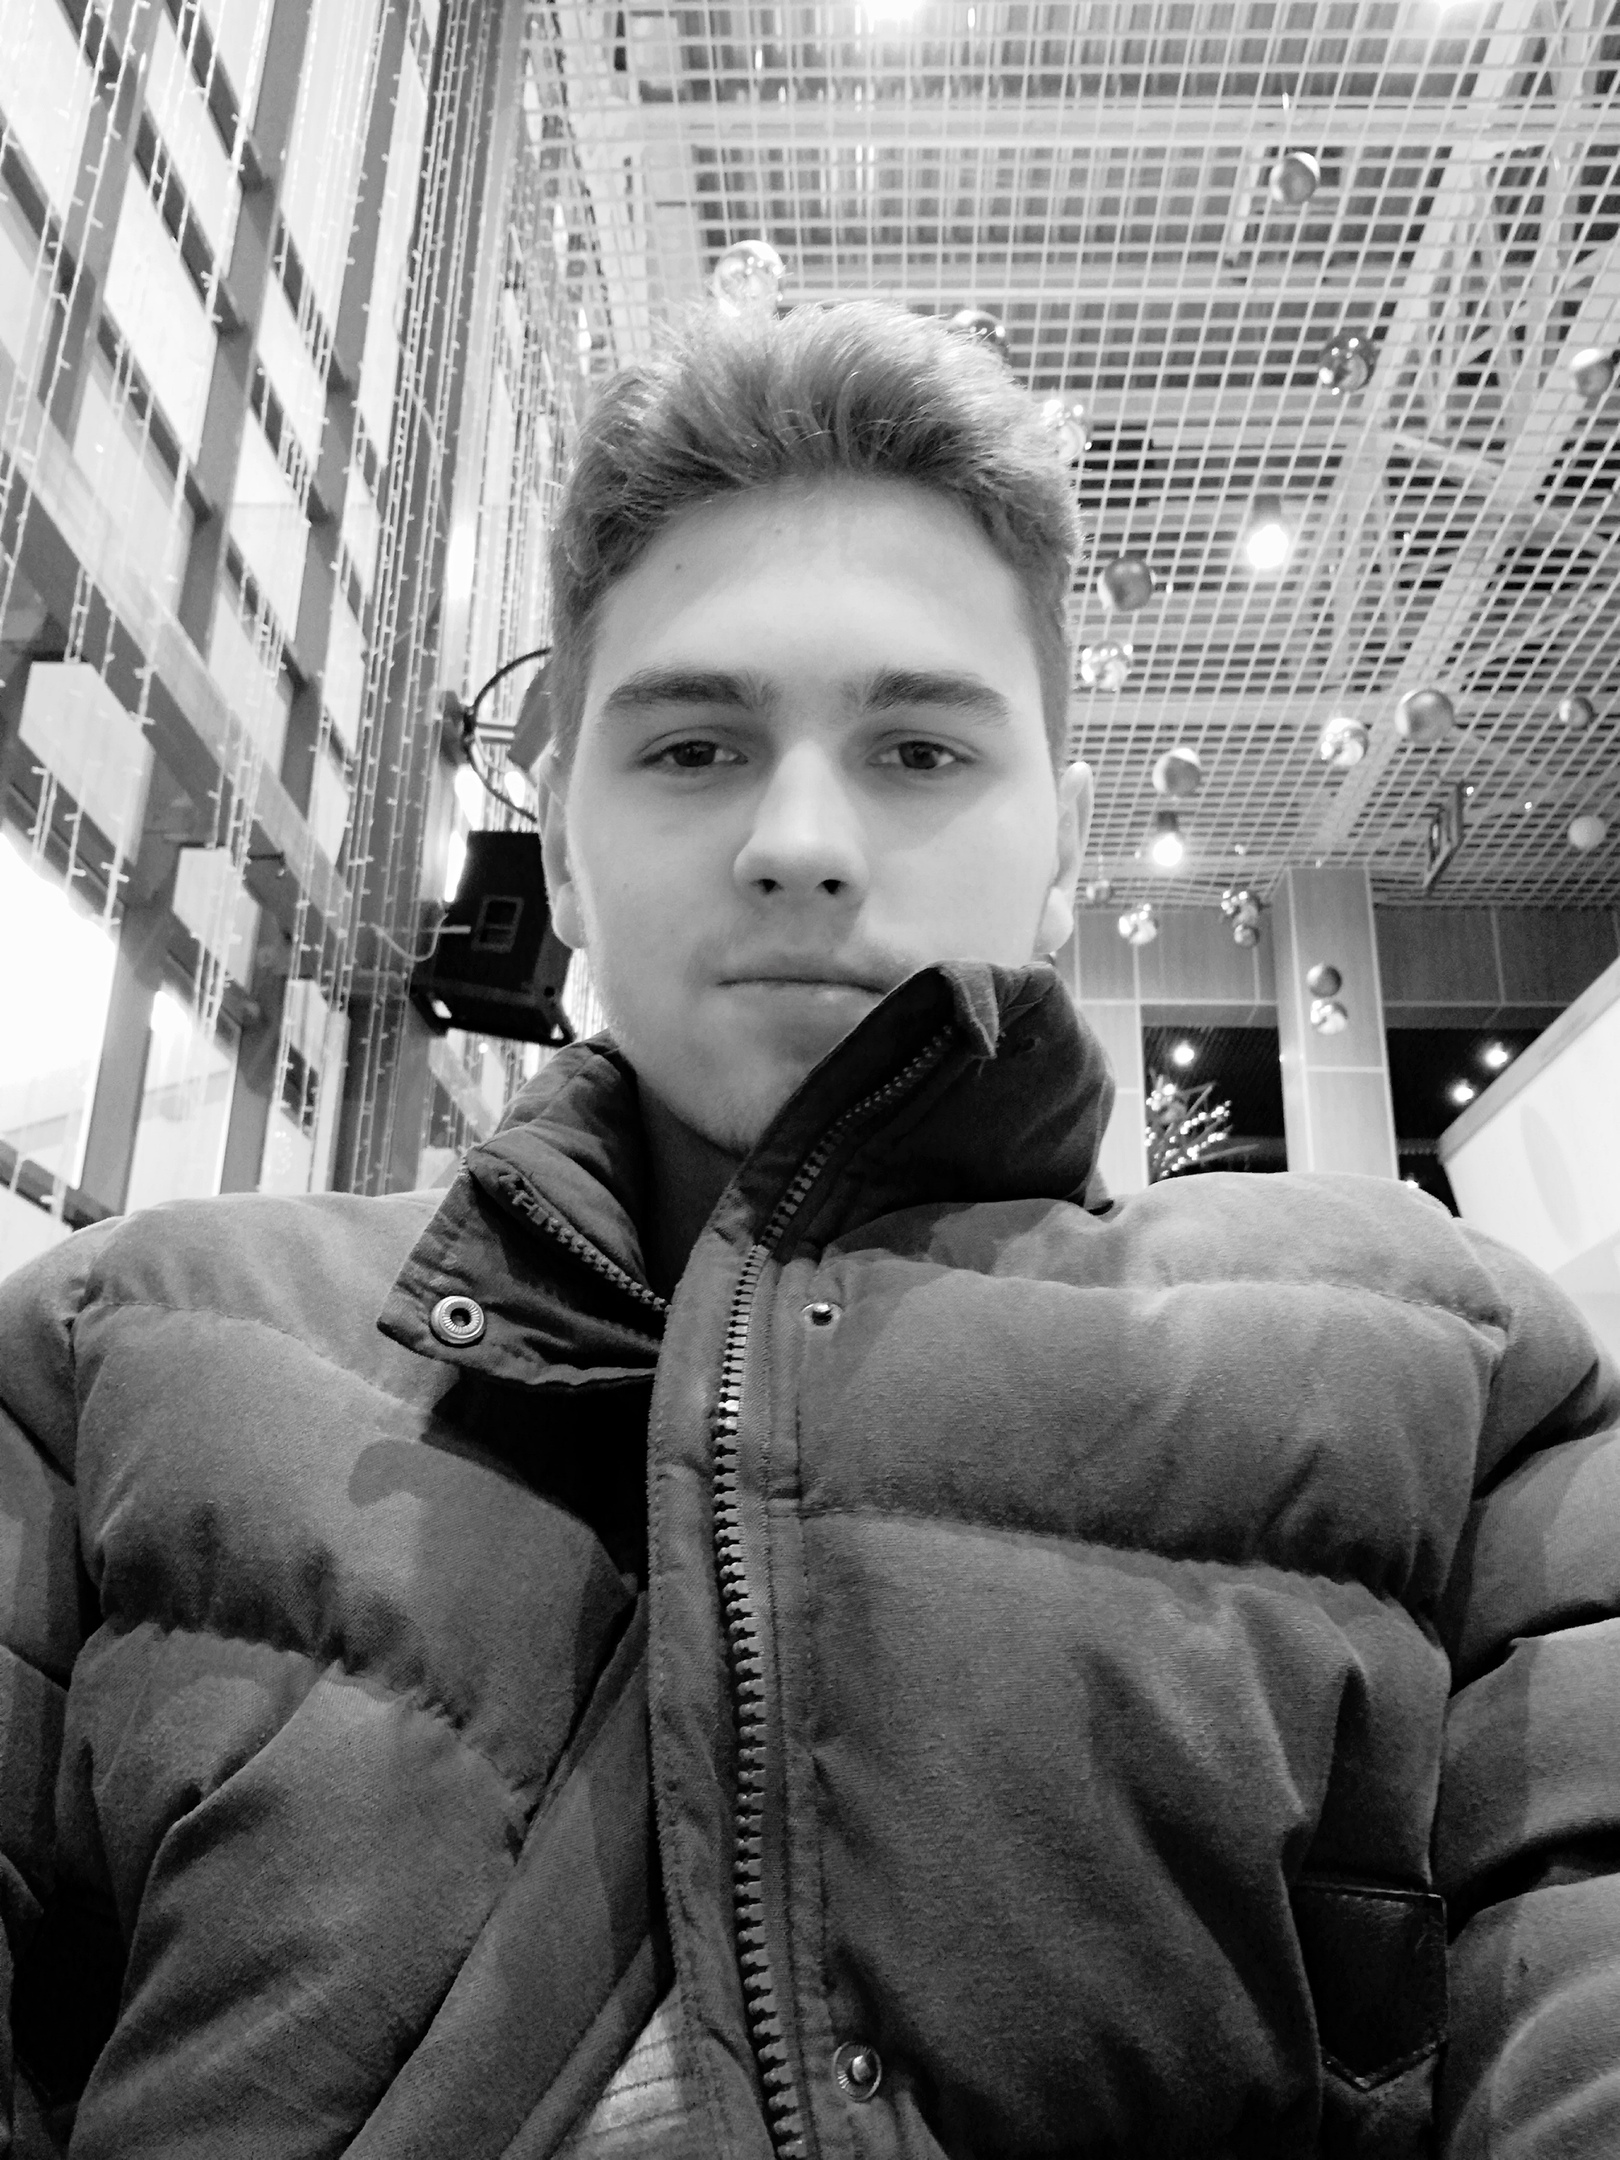 Vadim, 18, Zyryanovsk